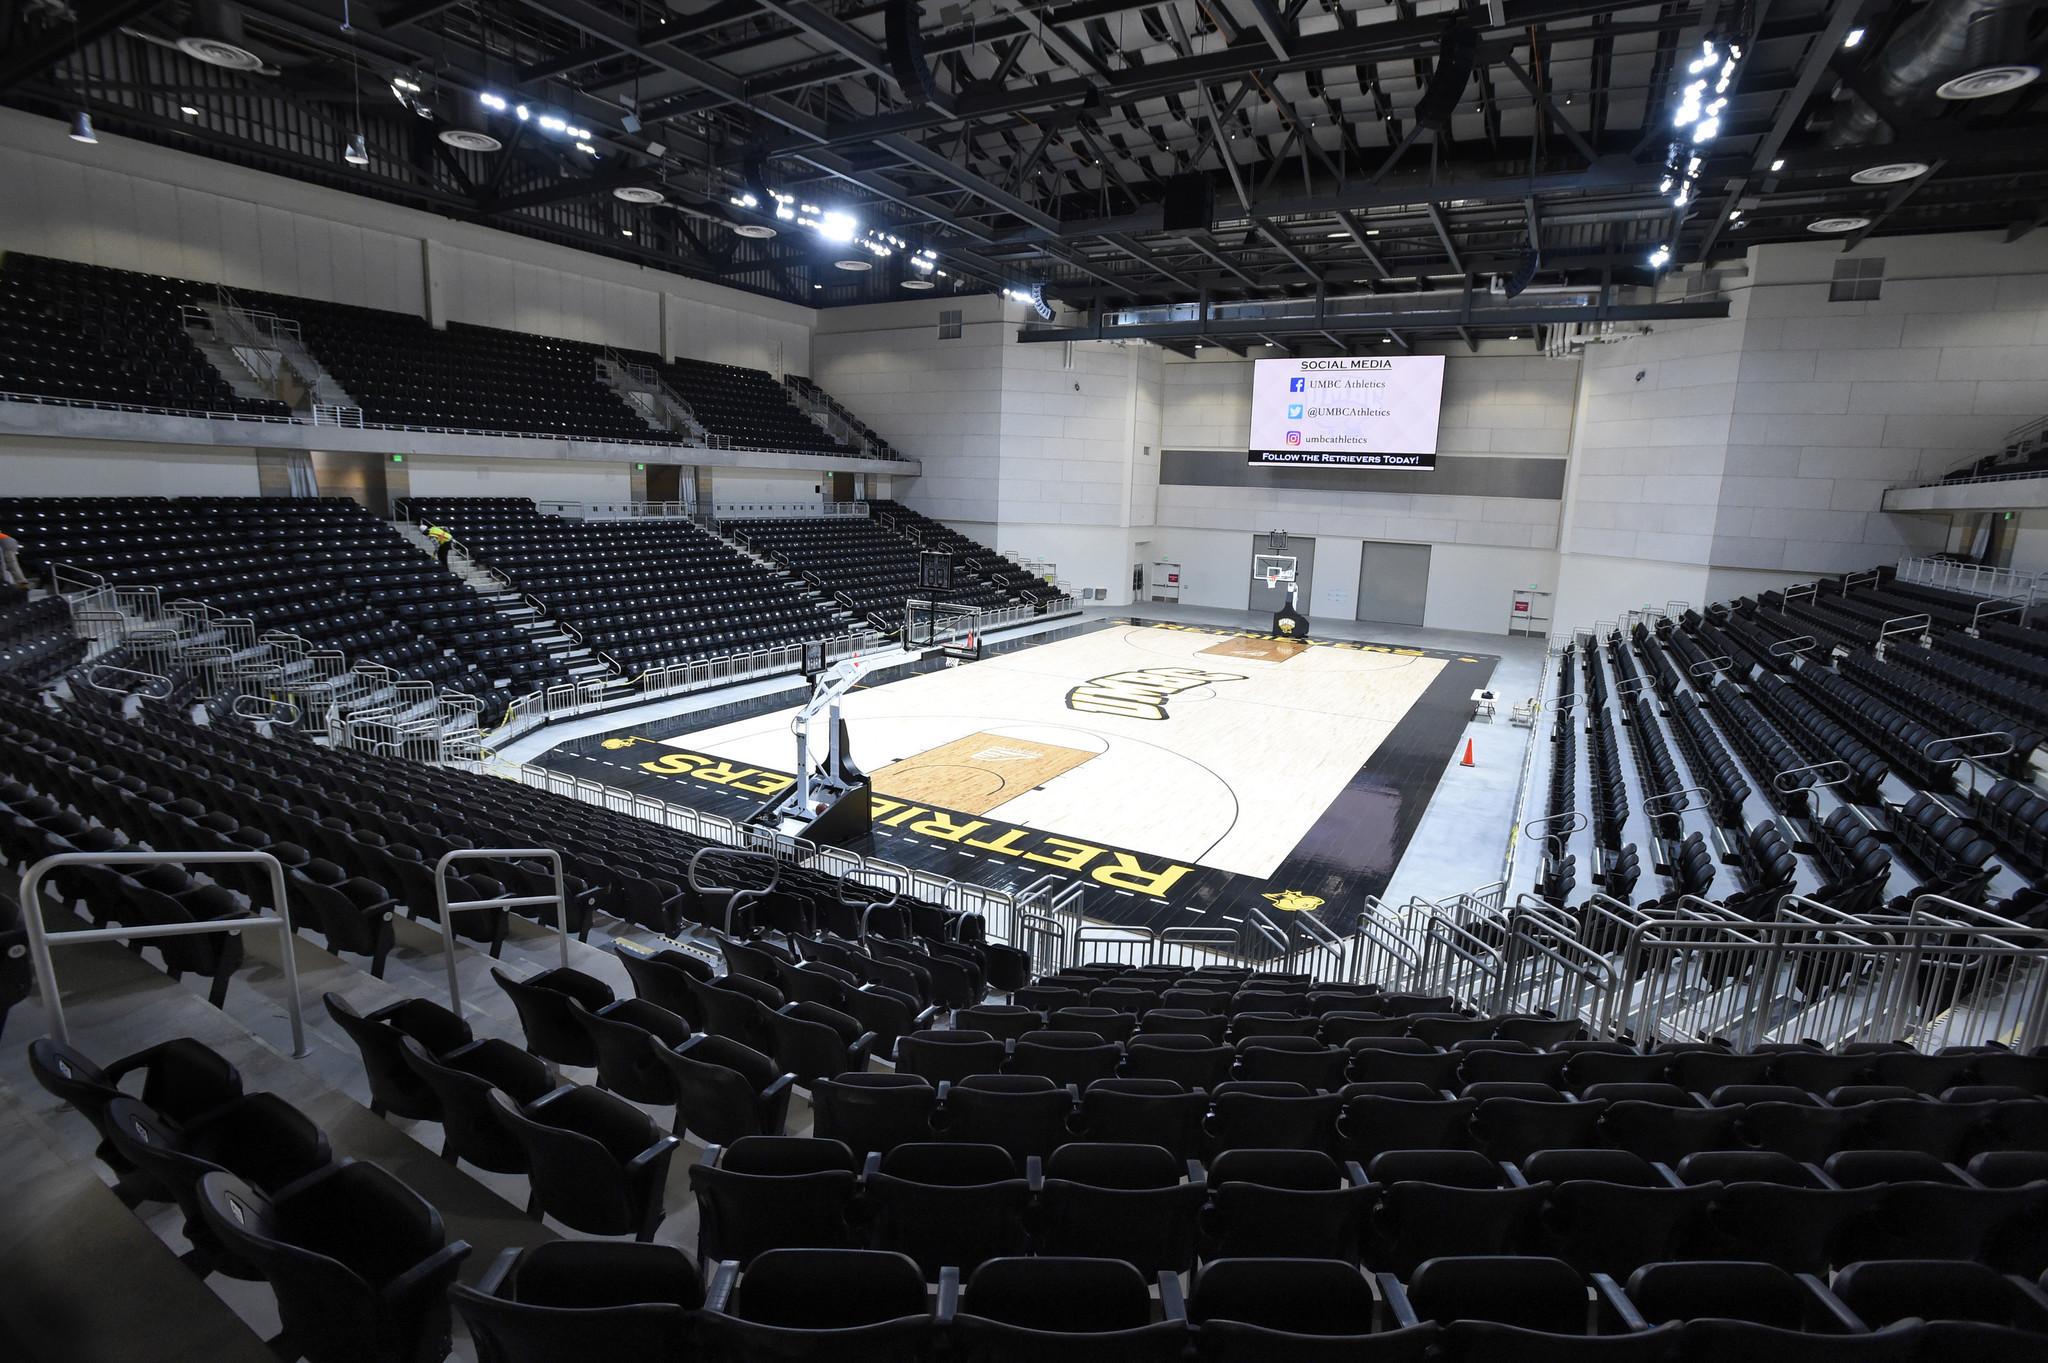 UMBC Event Center - Baltimore Sun